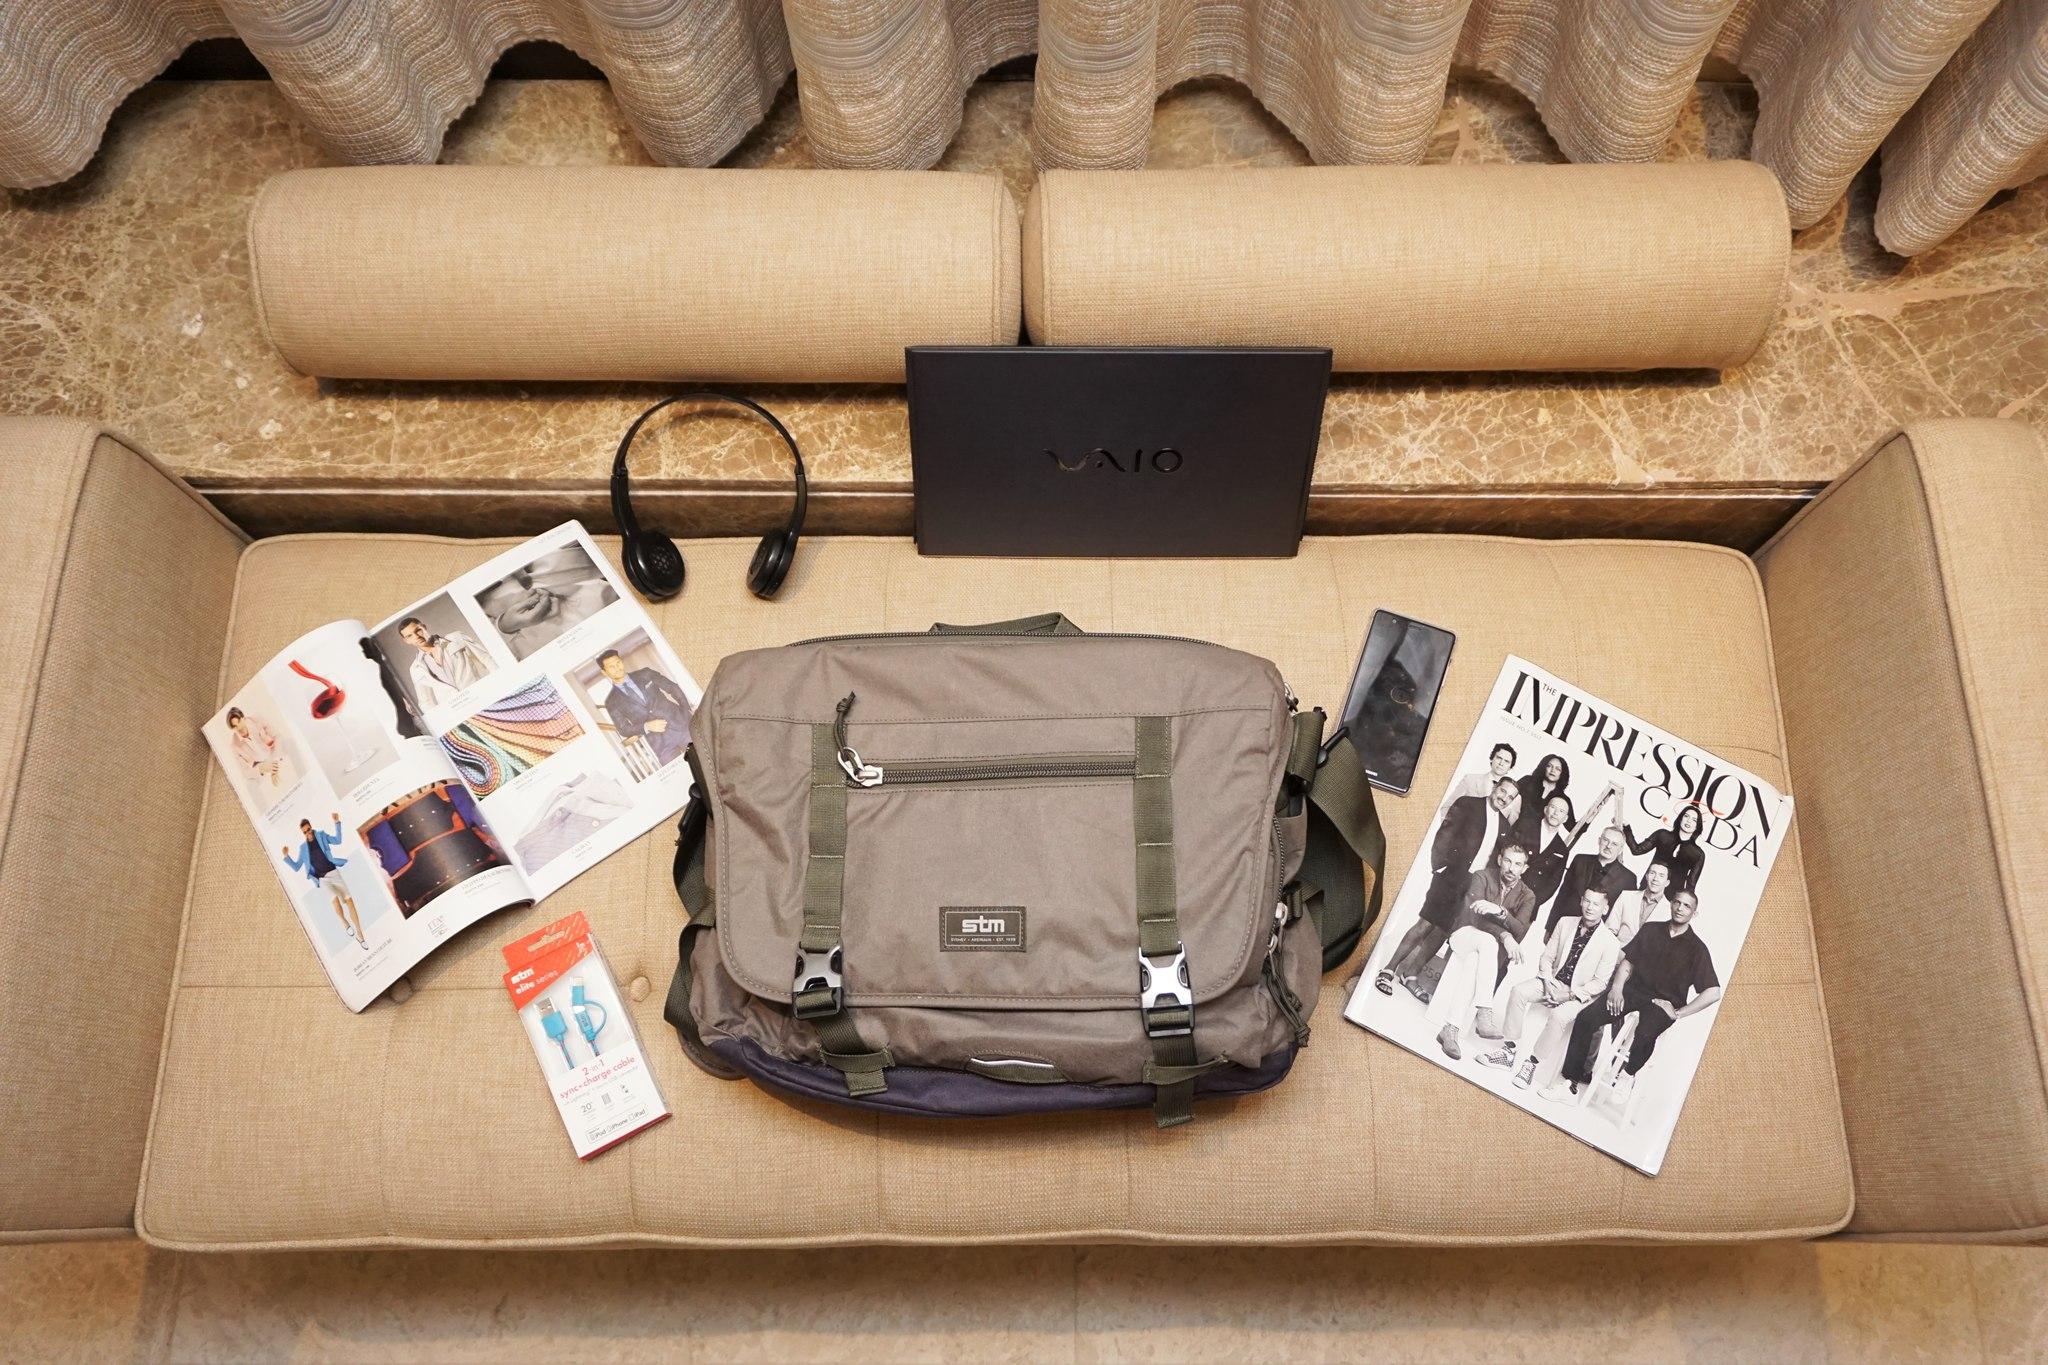 stm-trust-15-inch-laptop-messenger-bag-9